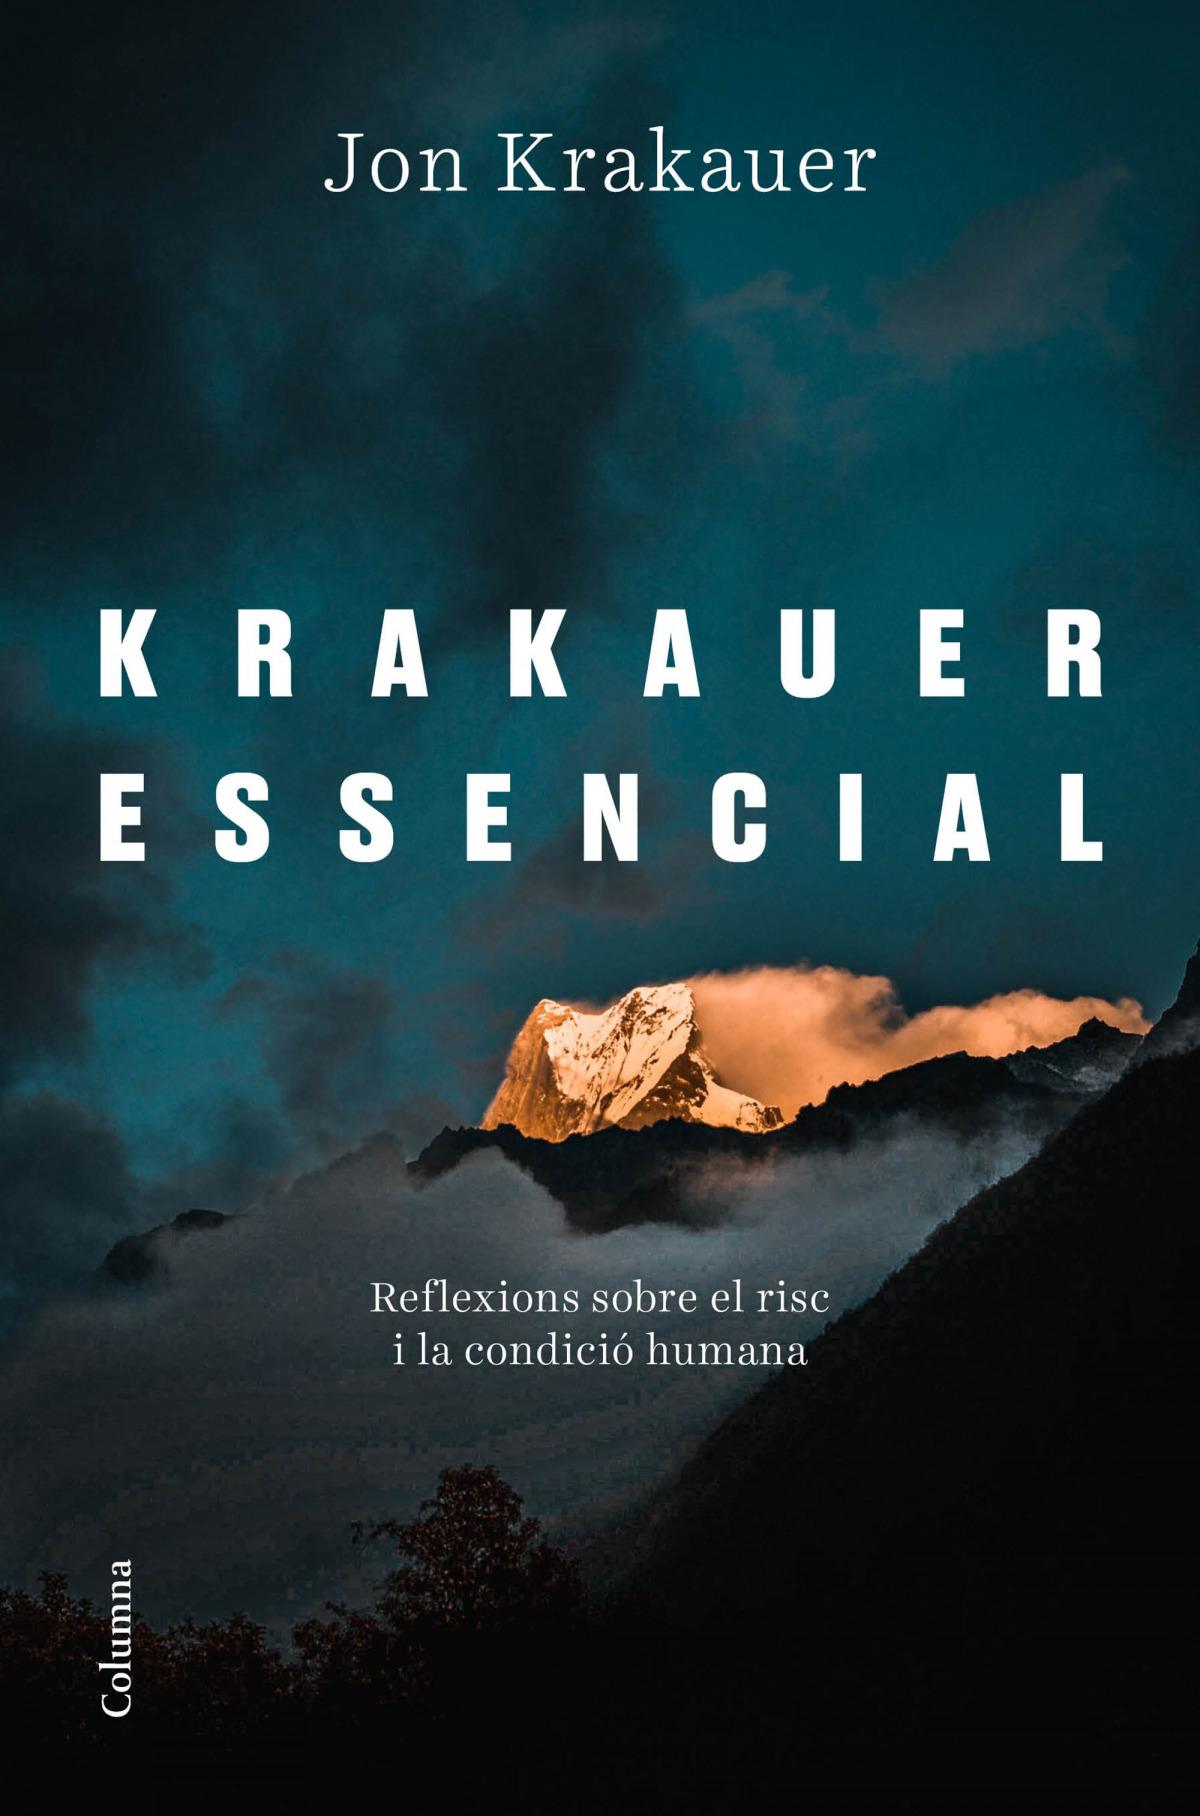 Krakauer essencial